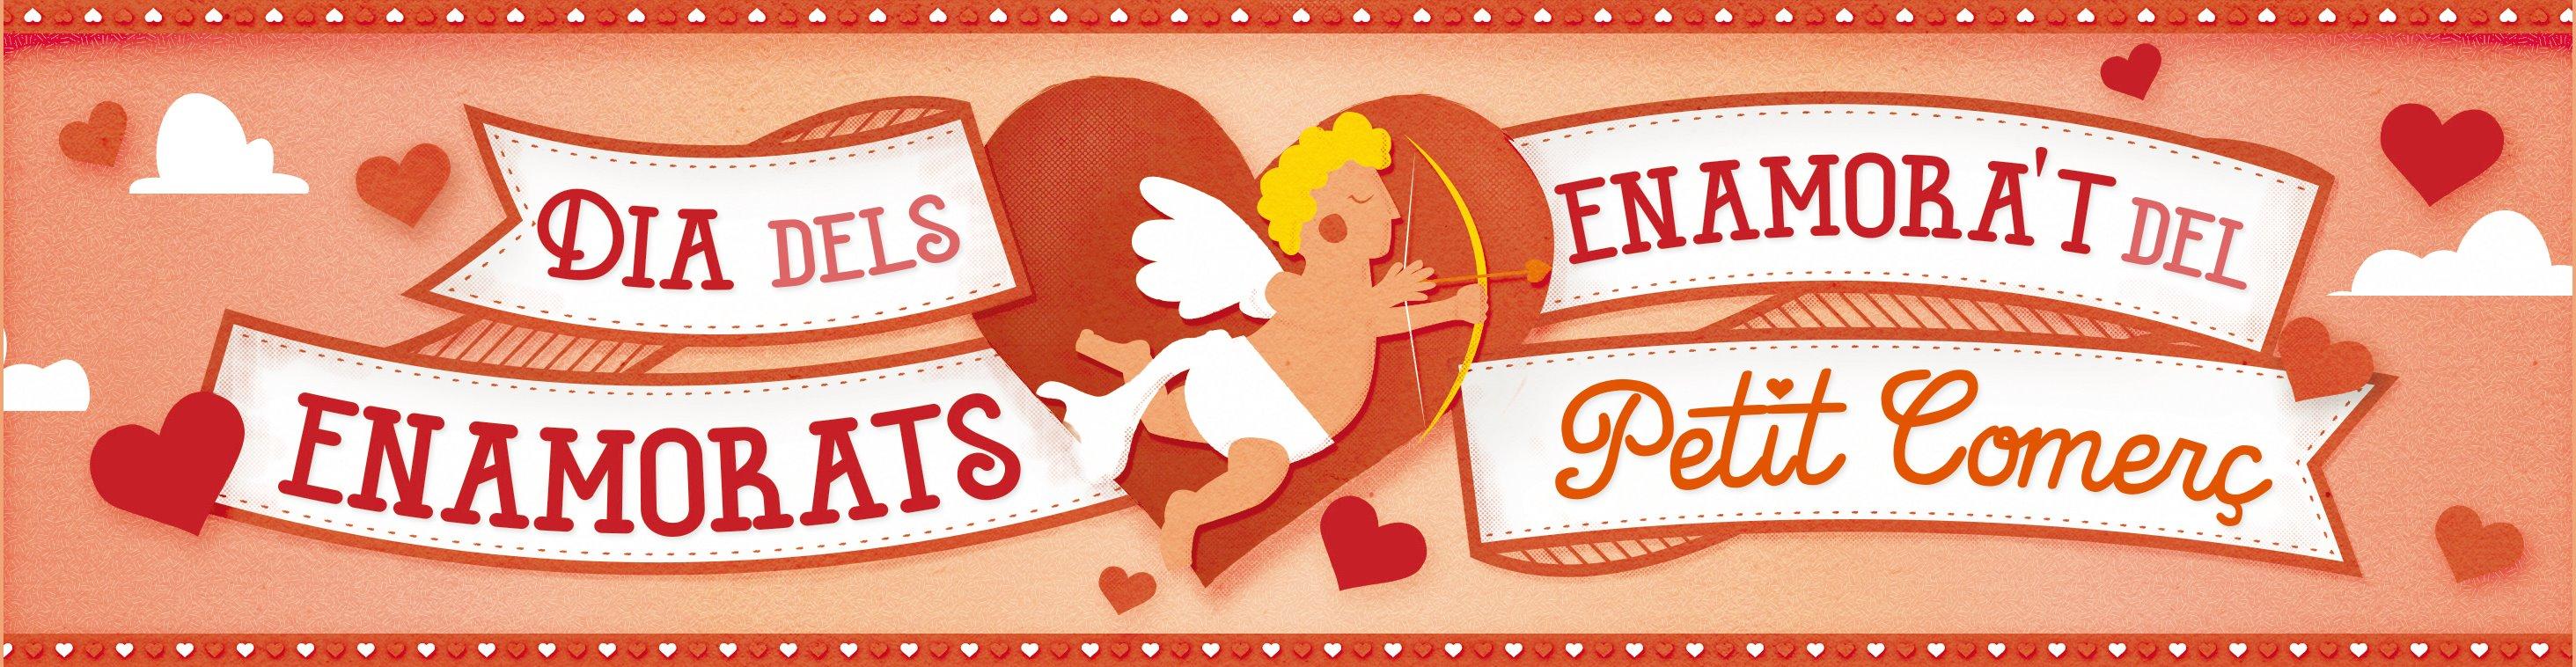 Enamorados del perqueño comercio logo